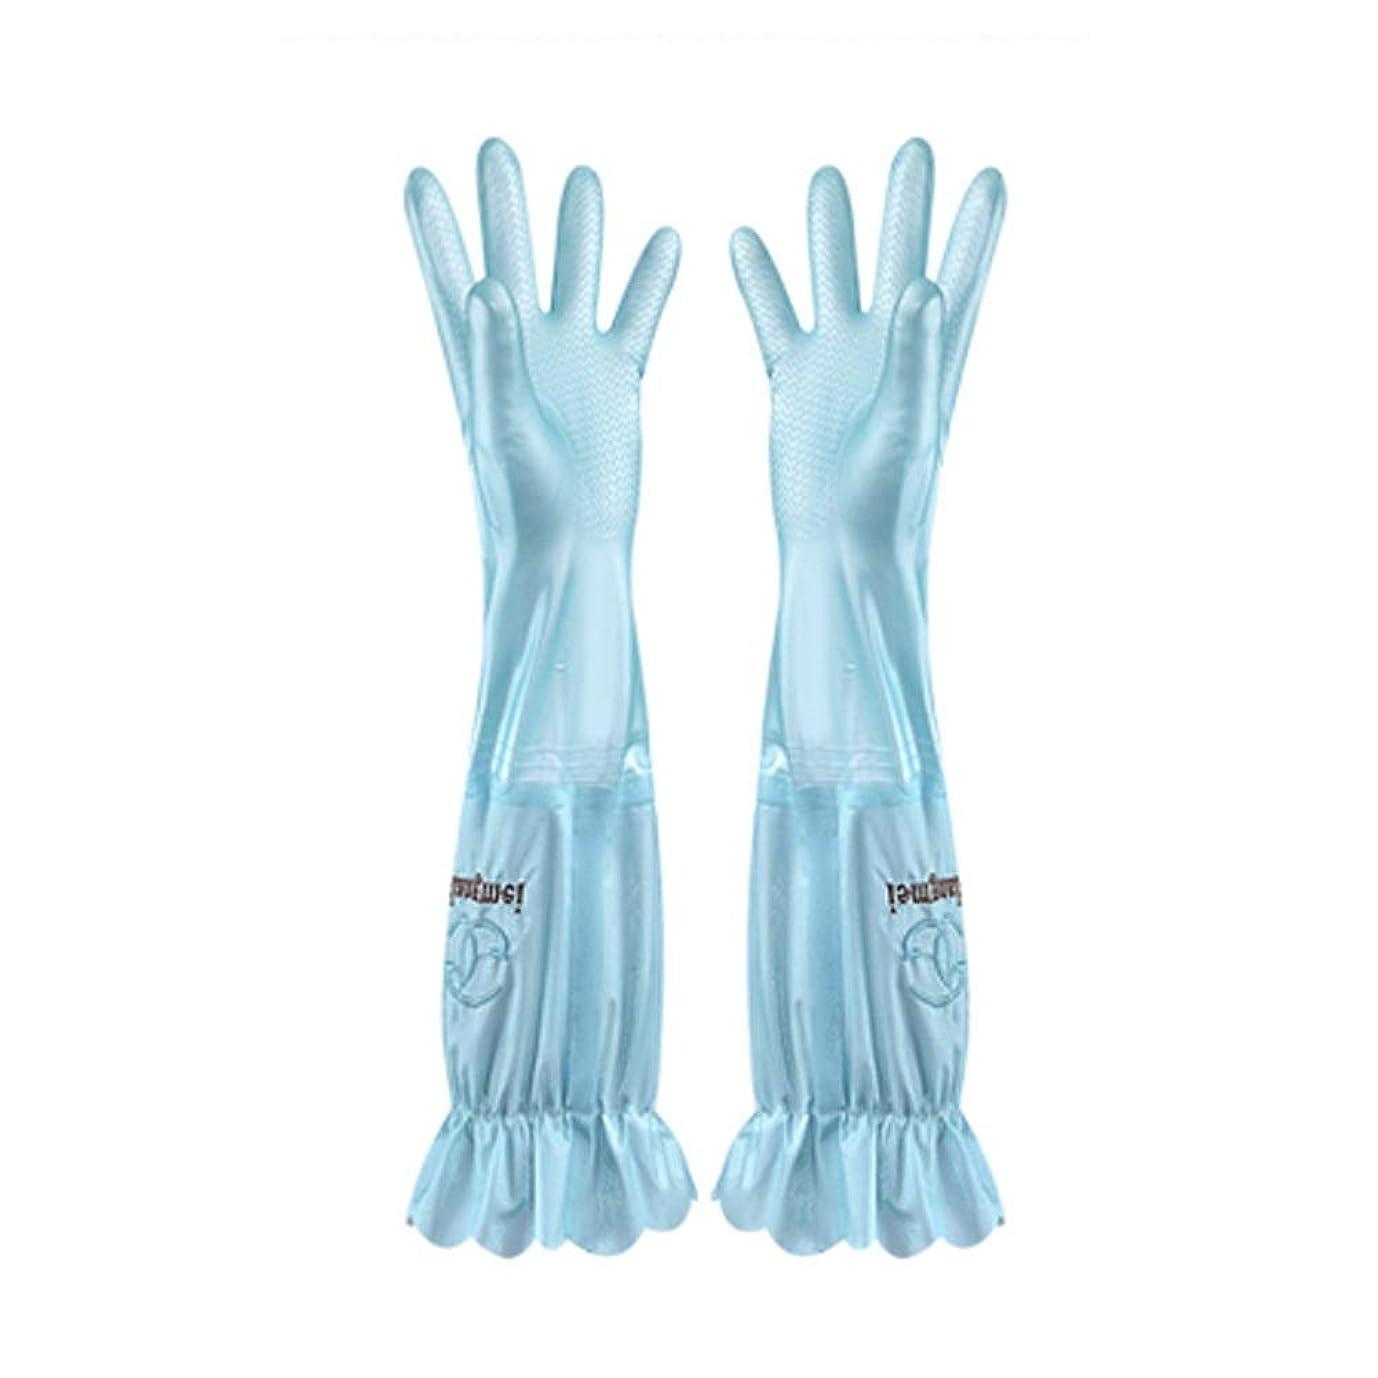 屈辱する見る人未来ニトリルゴム手袋 食器洗い用手袋水耐久性のあるゴム製台所ゴム製厚いセクションプラスベルベットの手袋、1ペア 使い捨て手袋 (Color : BLUE, Size : L)